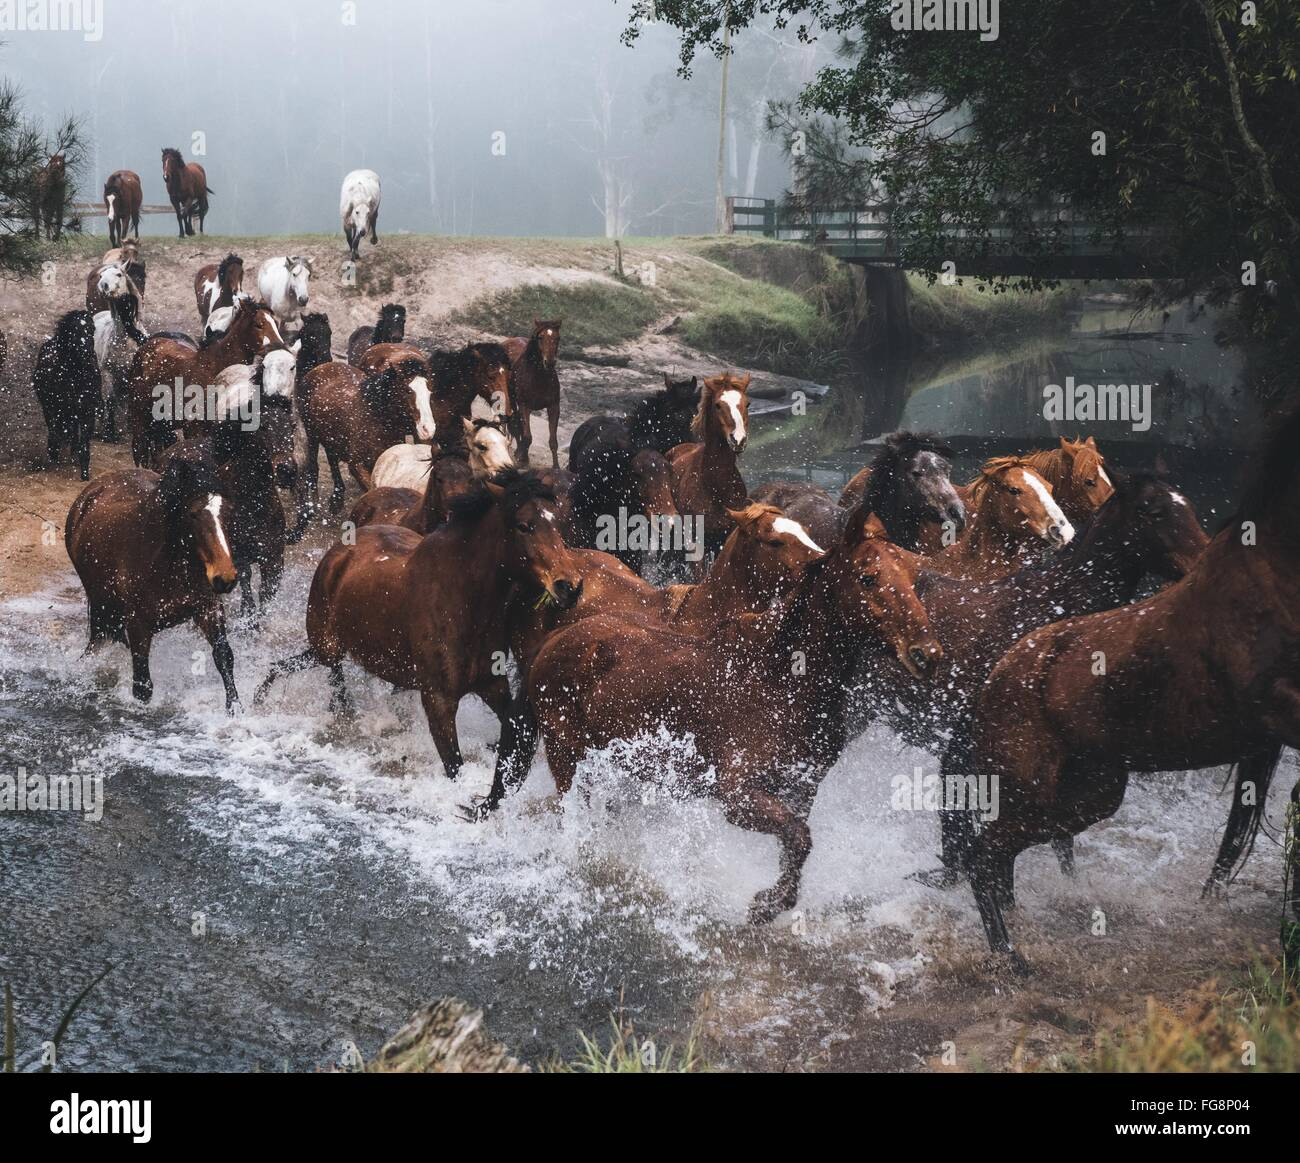 Caballos corriendo en el lago Imagen De Stock